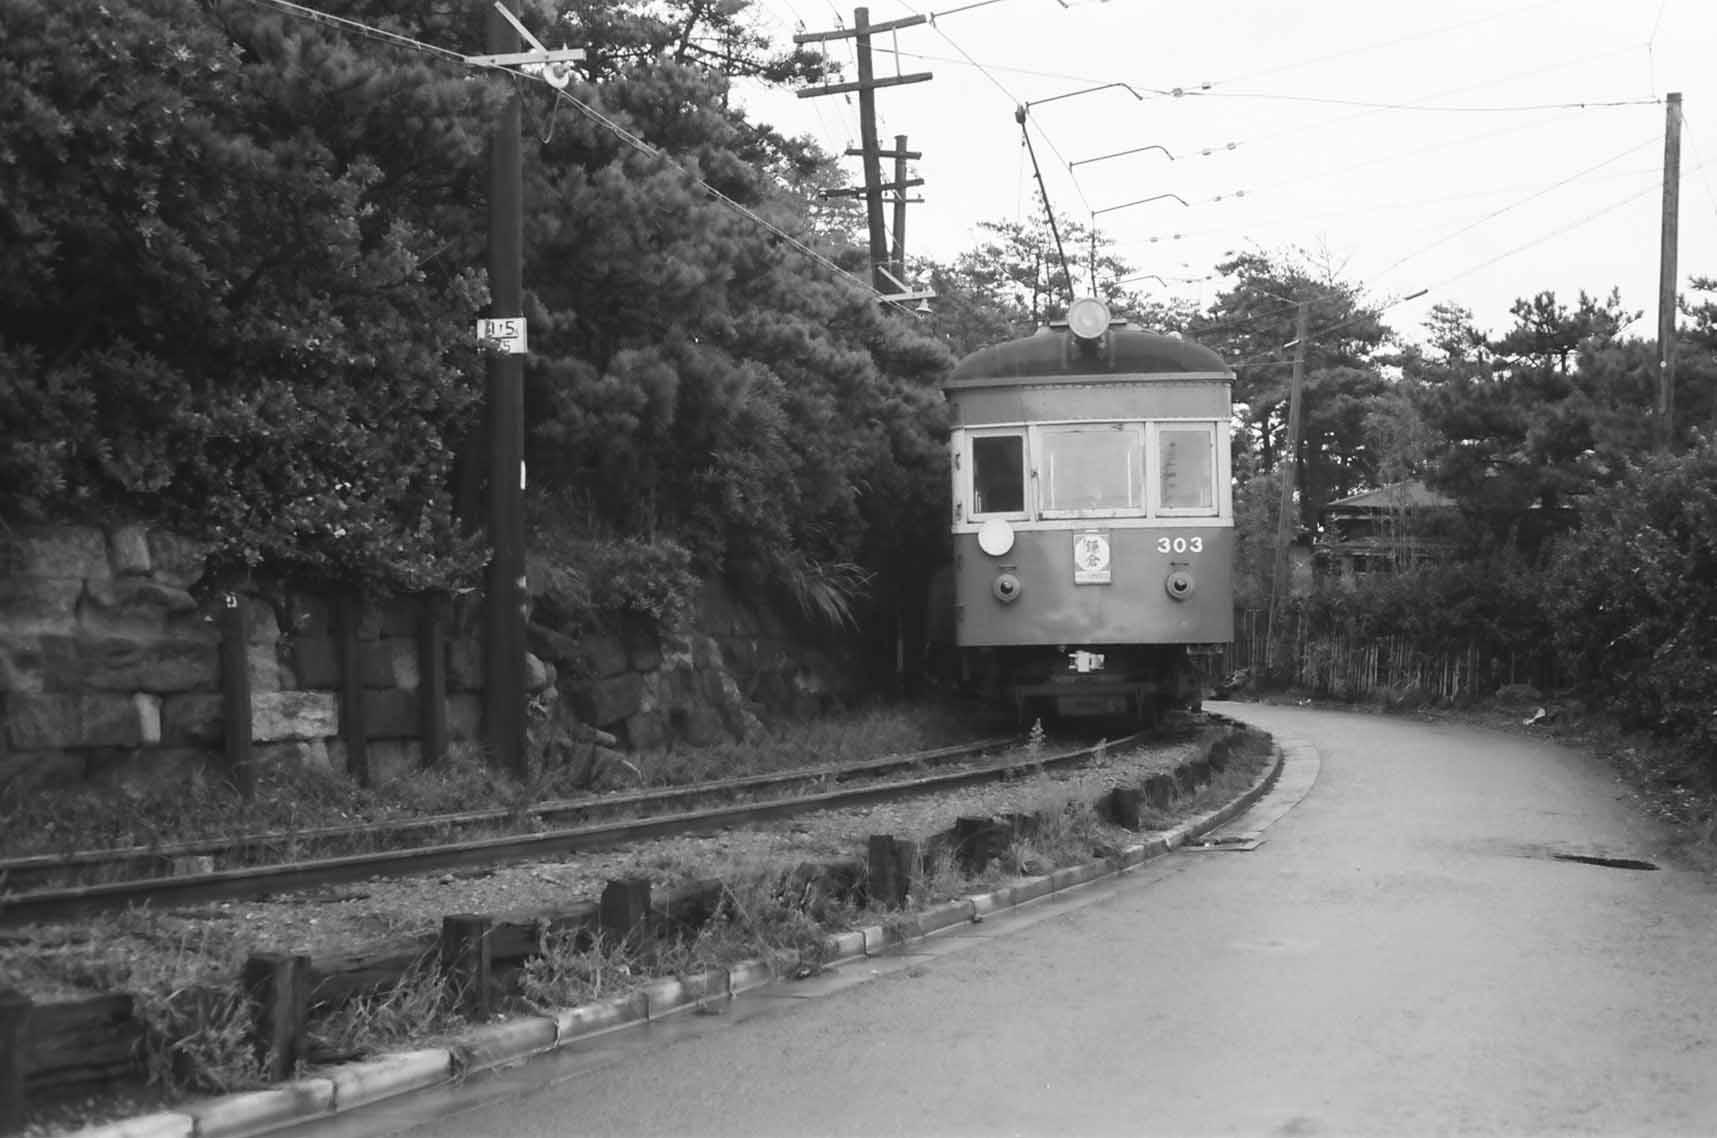 江ノ電15(303)